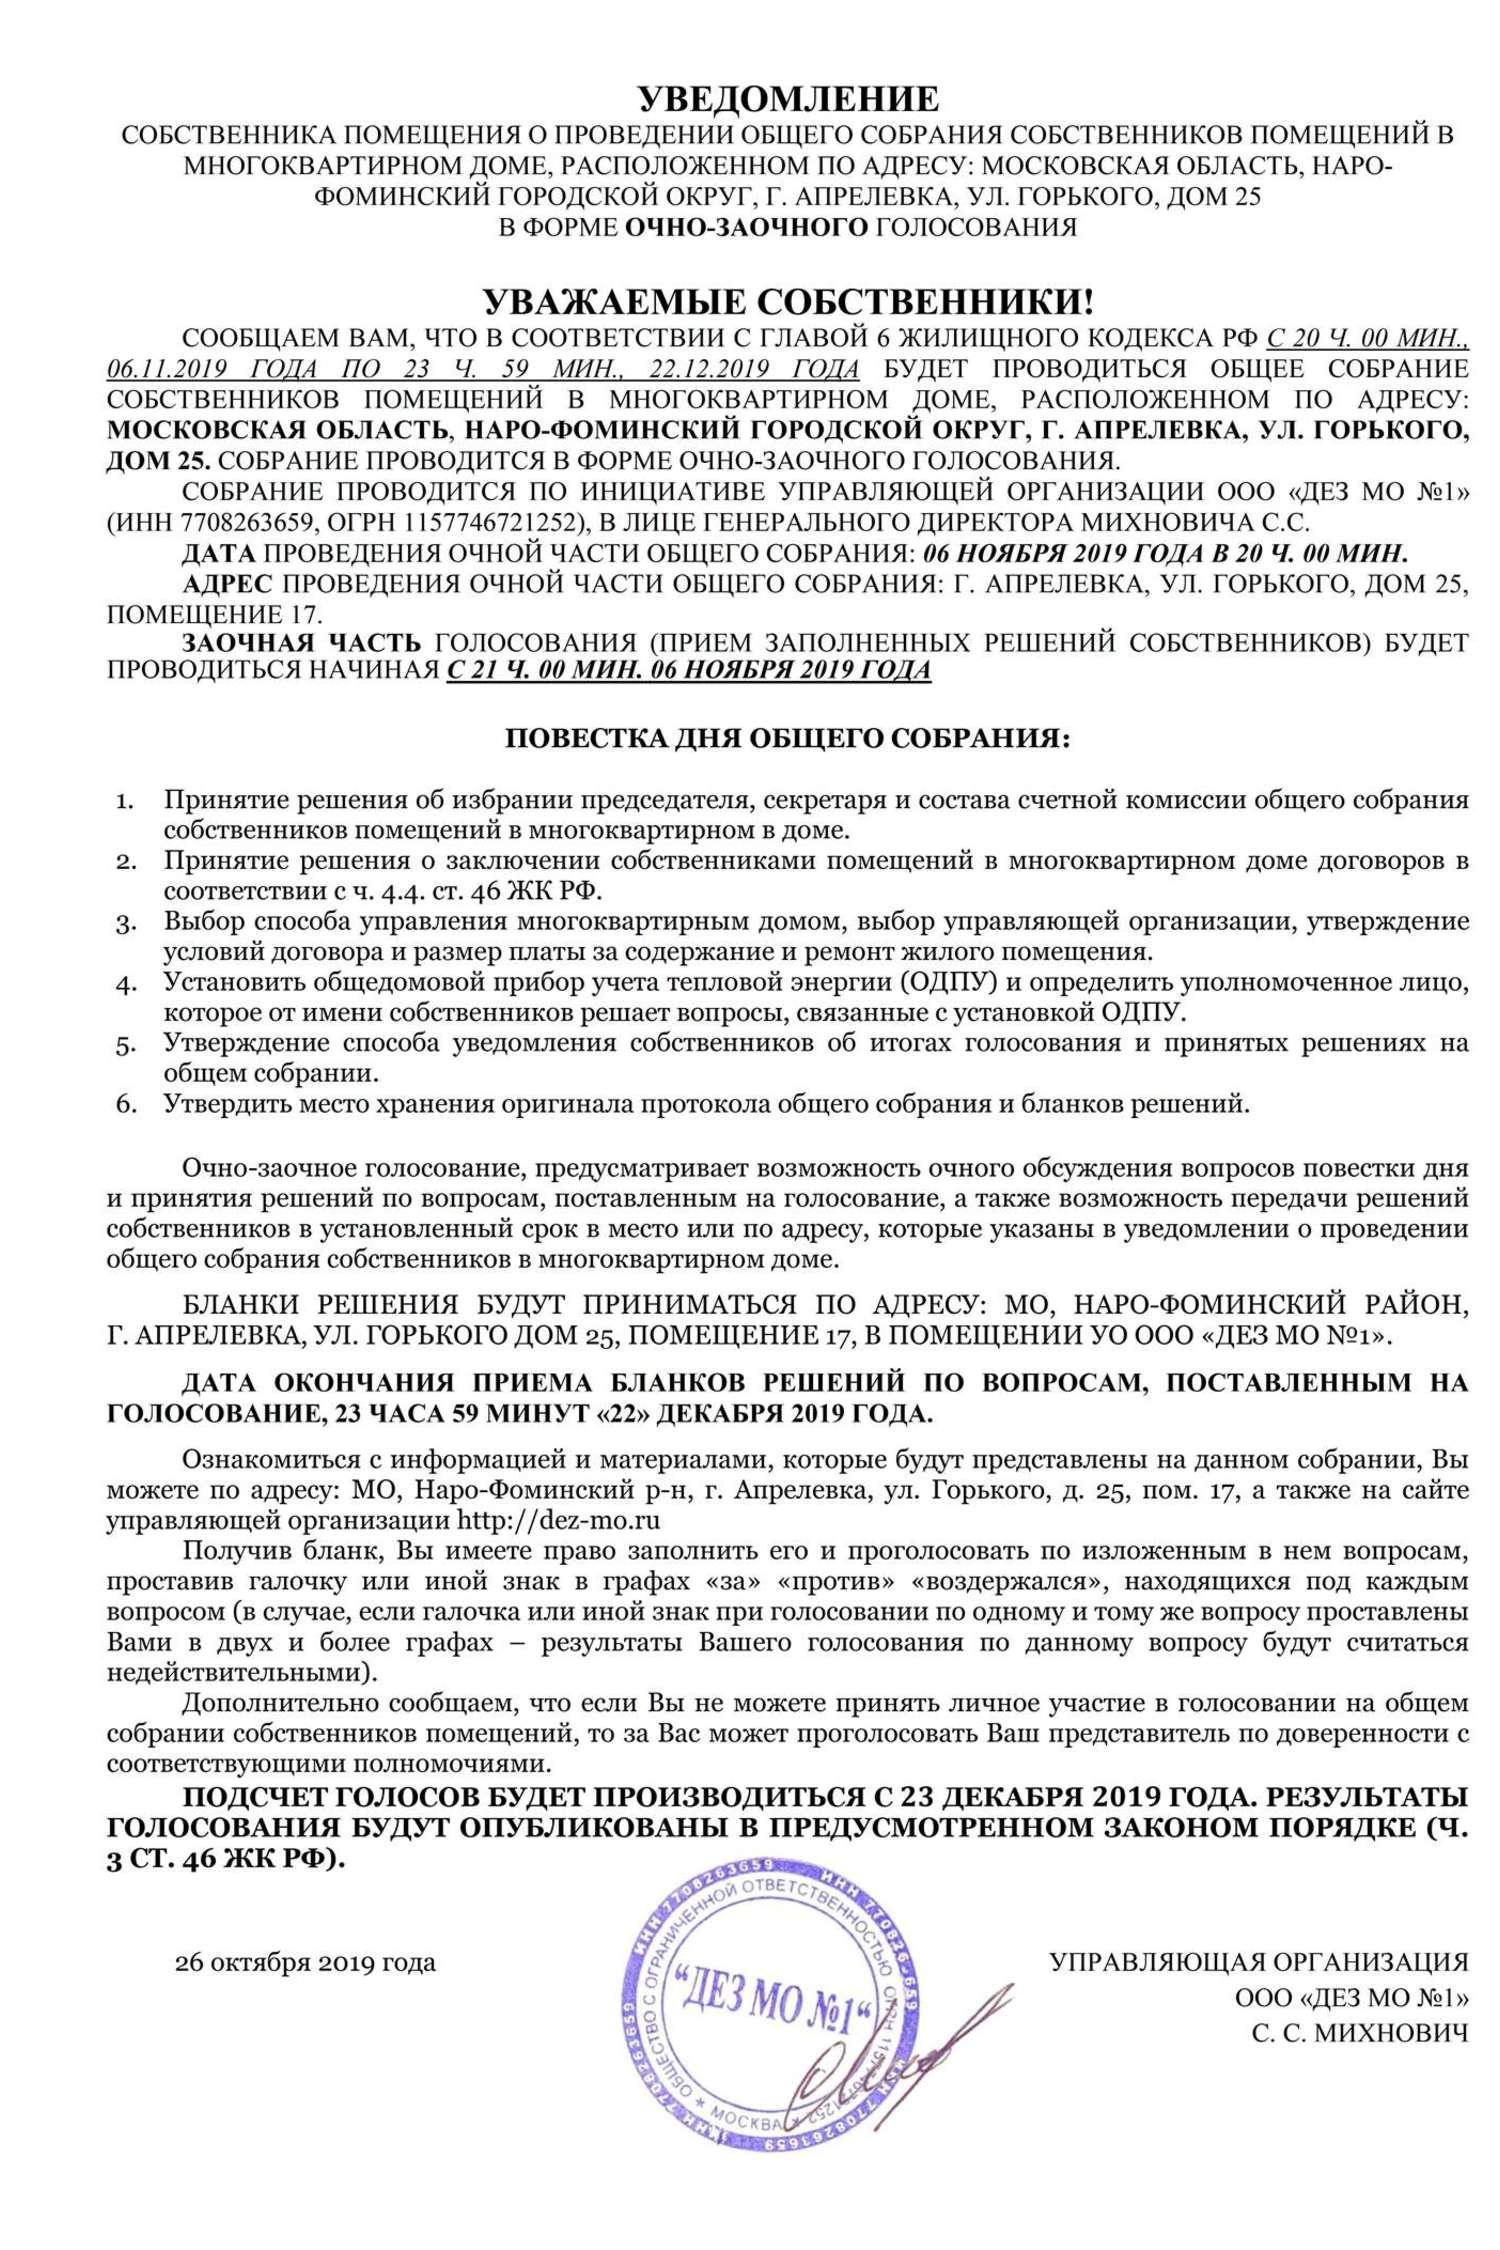 Уведомление ОСС 25 26.10.2016.jpg